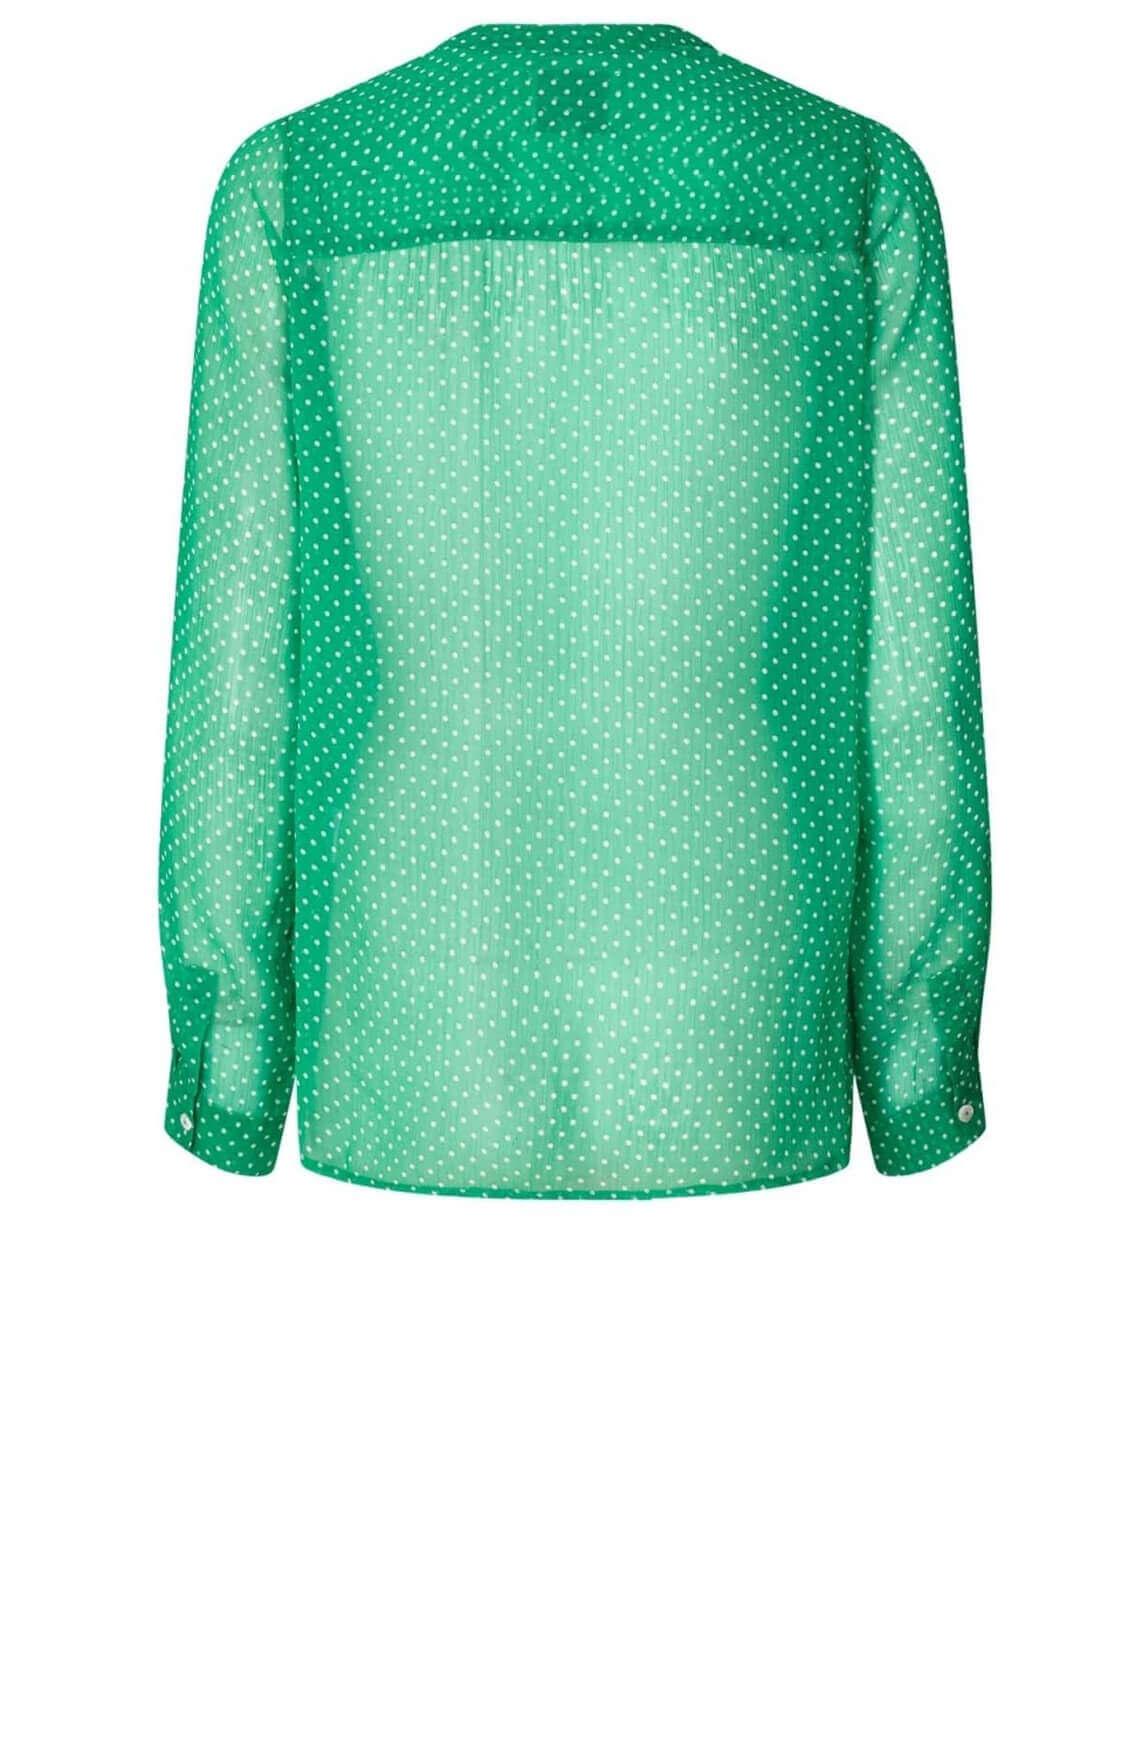 Lollys Laundry Dames Helena gestippelde blouse groen